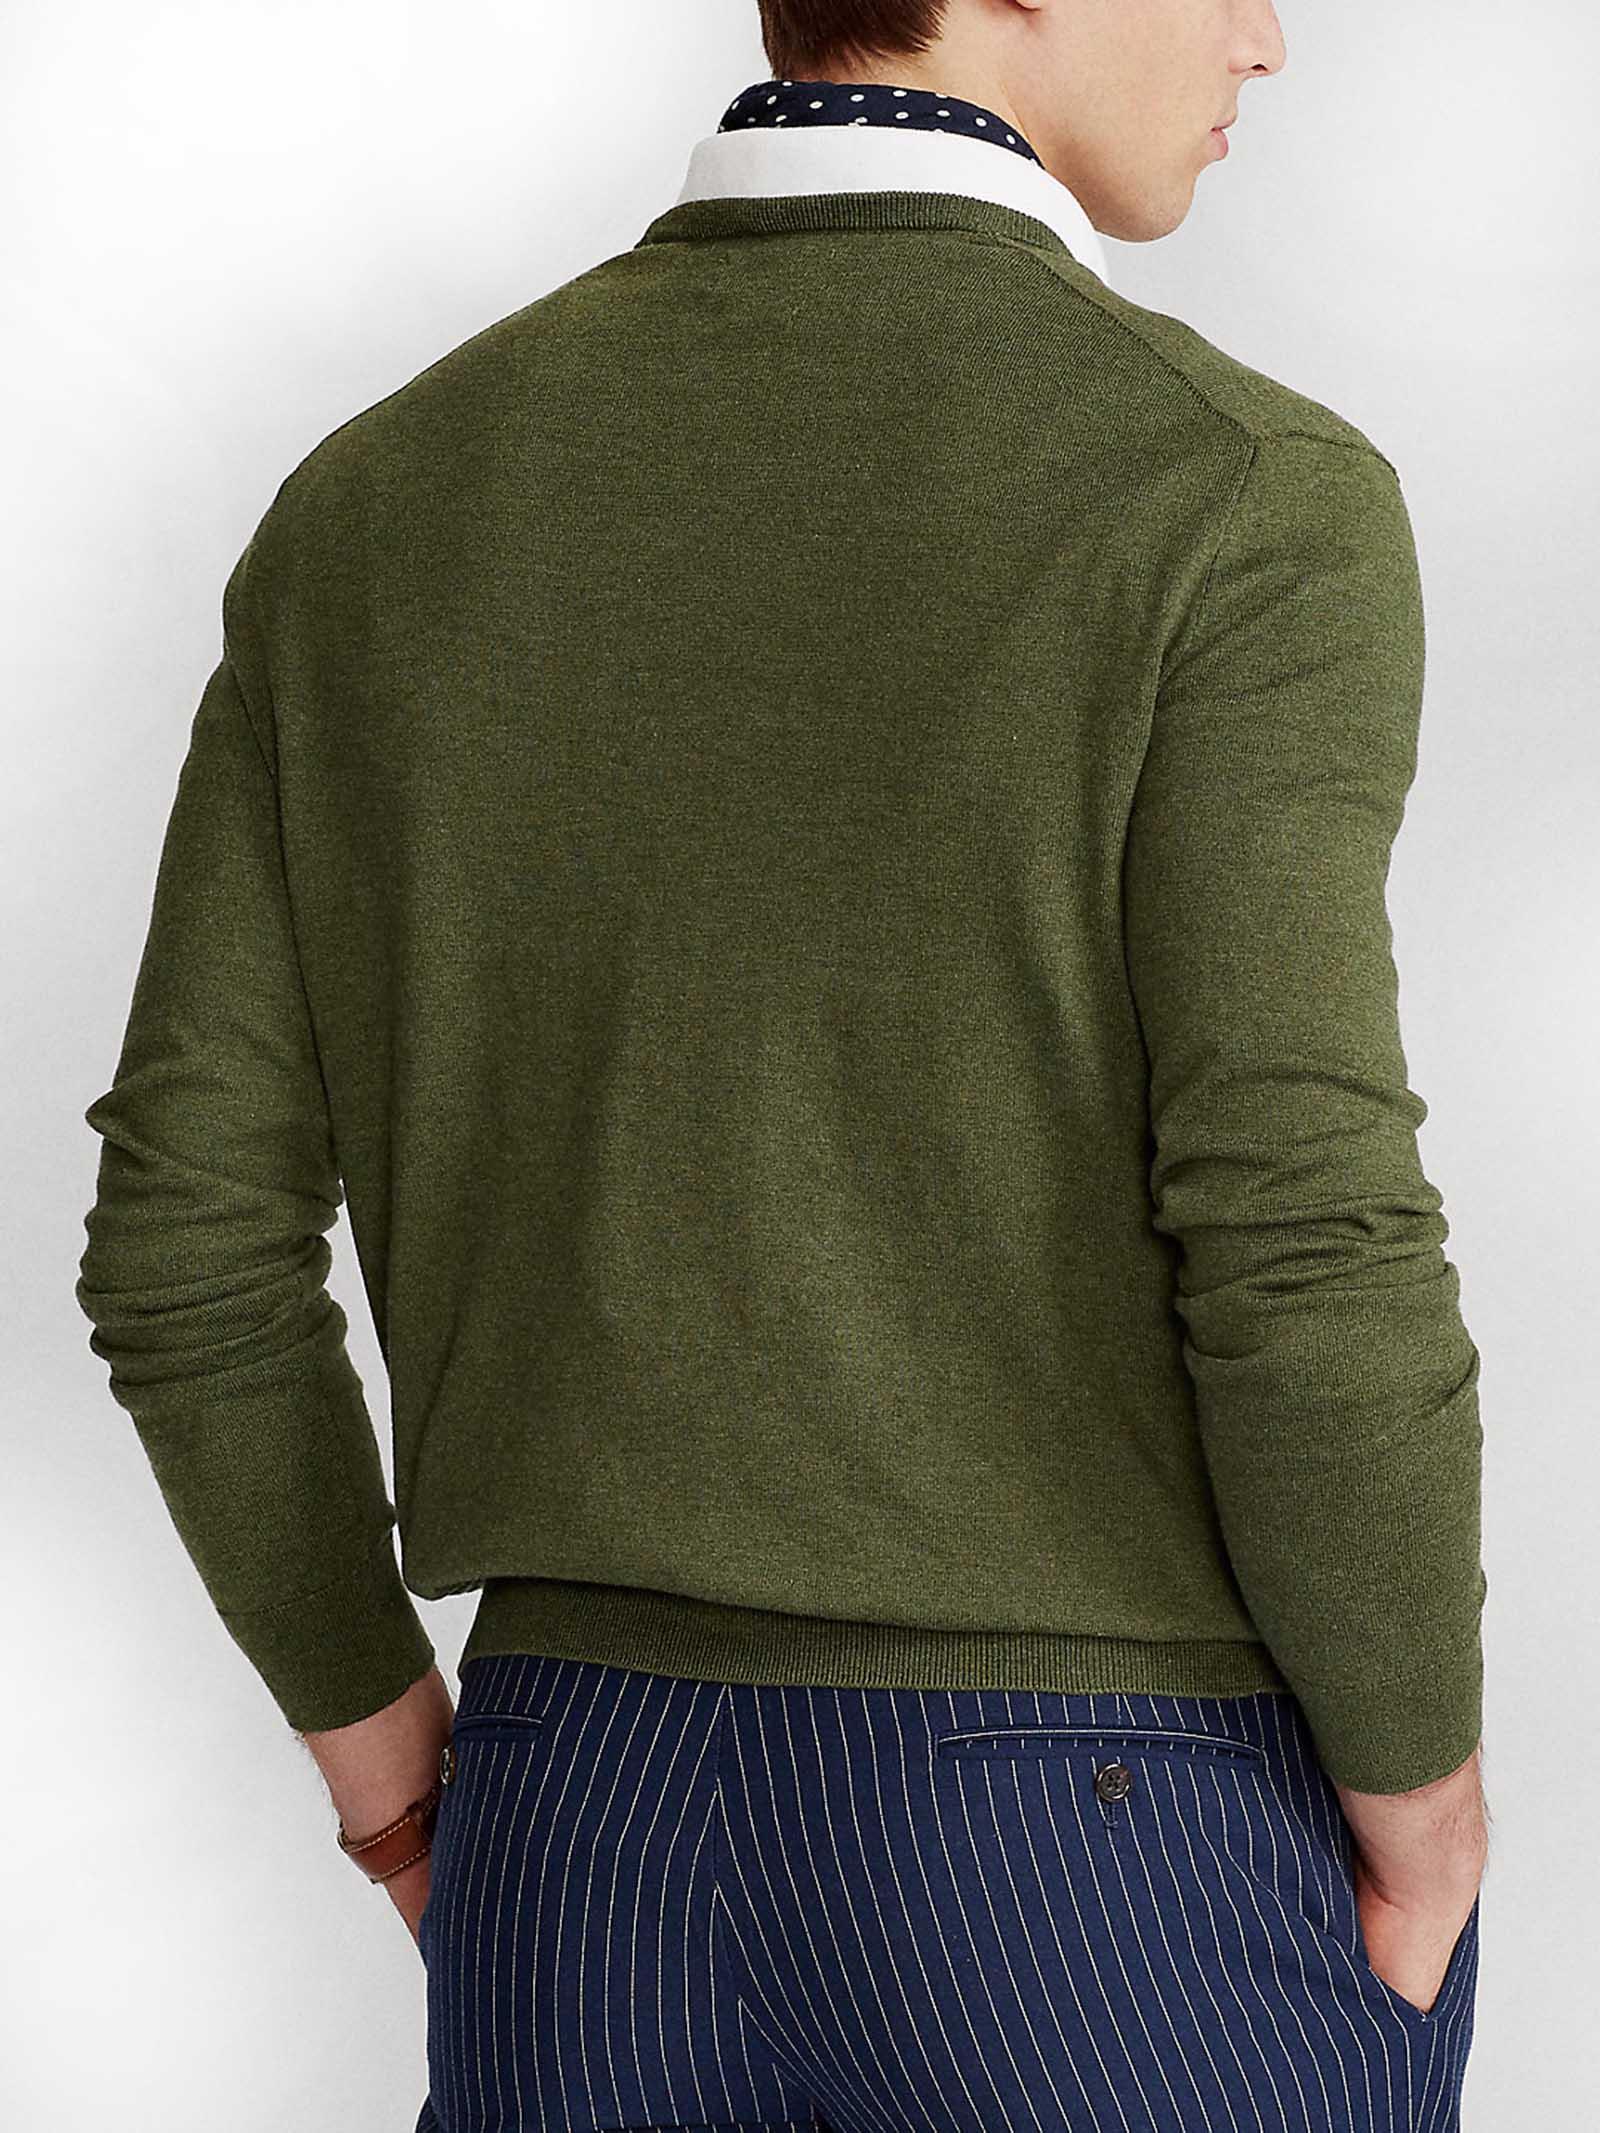 Maglione girocollo in cotone slim fit RALPH LAUREN | Maglia | 710-744679029